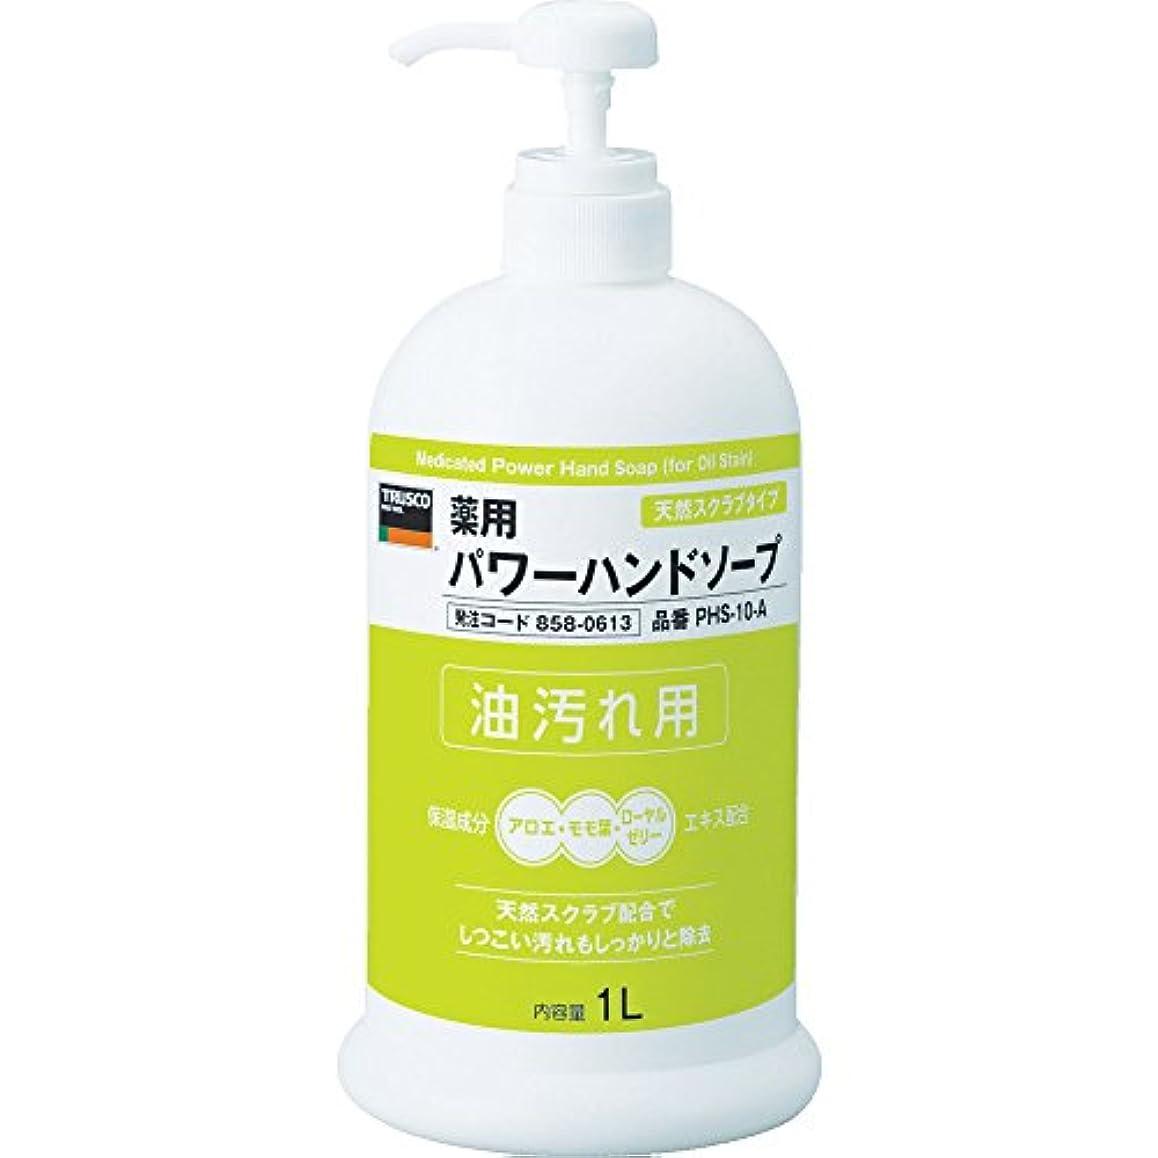 ハンディキャップライオネルグリーンストリートテラスTRUSCO(トラスコ) 薬用パワーハンドソープ ポンプボトル 1.0L PHS-10-A